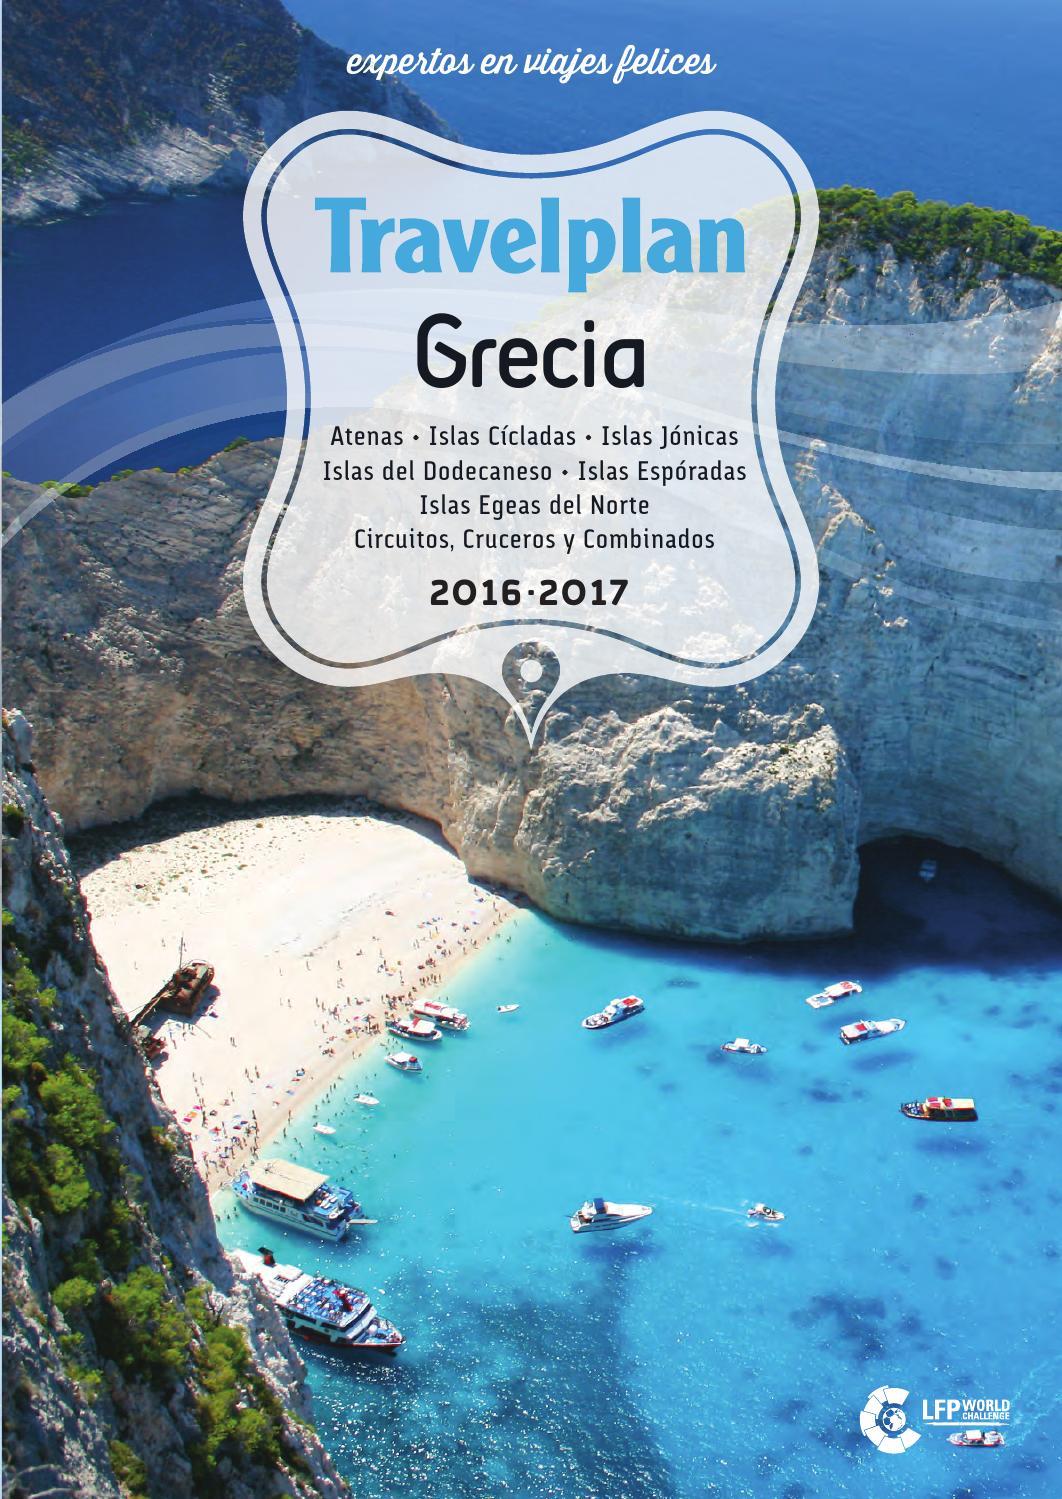 Circuito Grecia : Travelplan grecia 2016 2017 by globalia issuu